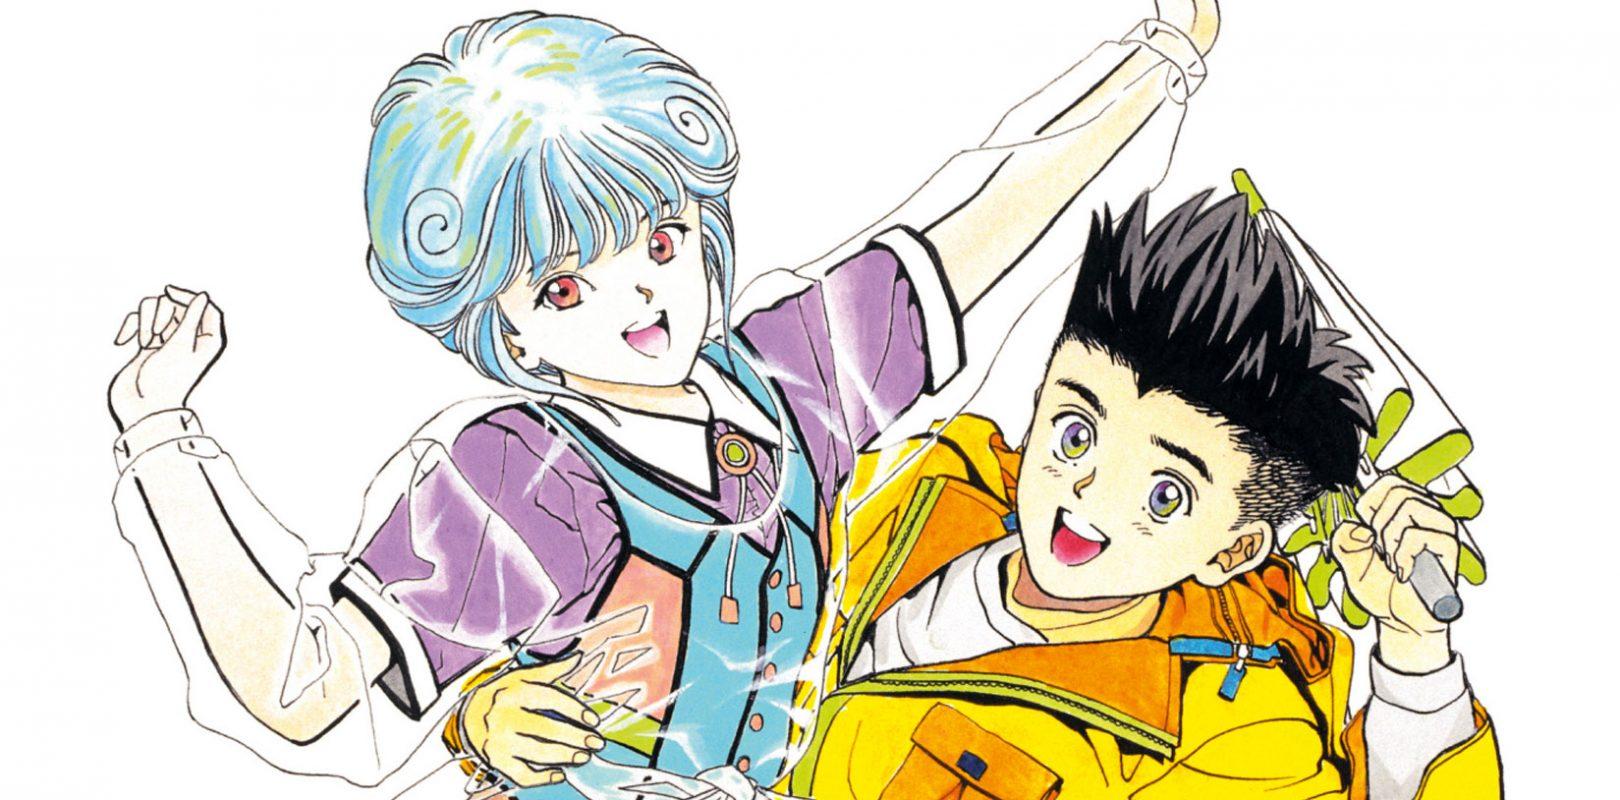 Masakazu Katsura – Il mangaka è al lavoro per un nuovo manga breve